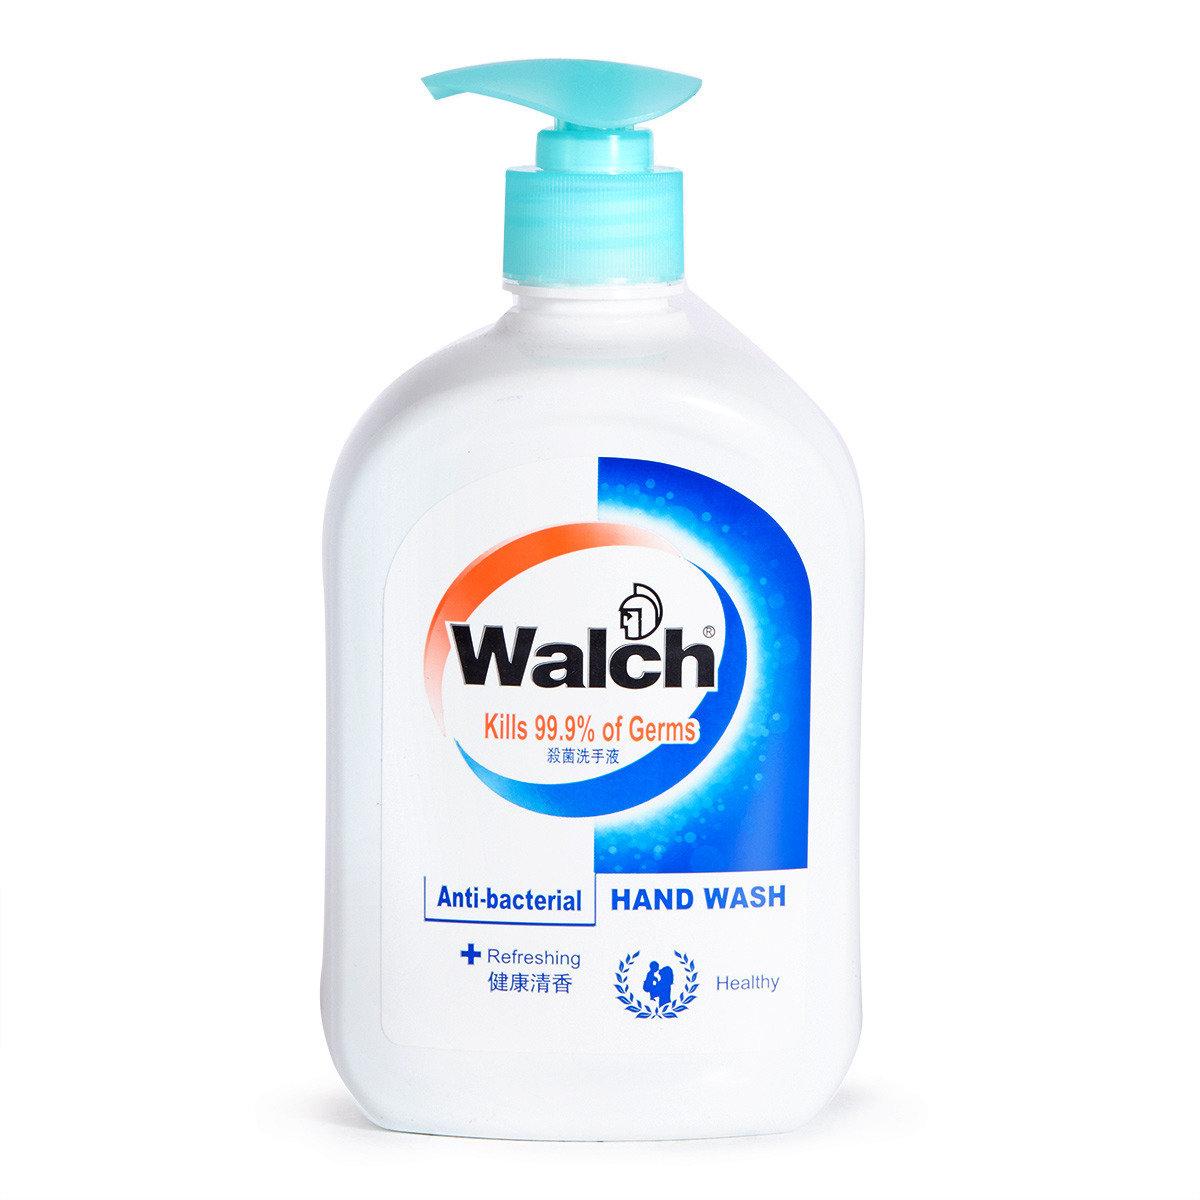 殺菌洗手液(健康清香)